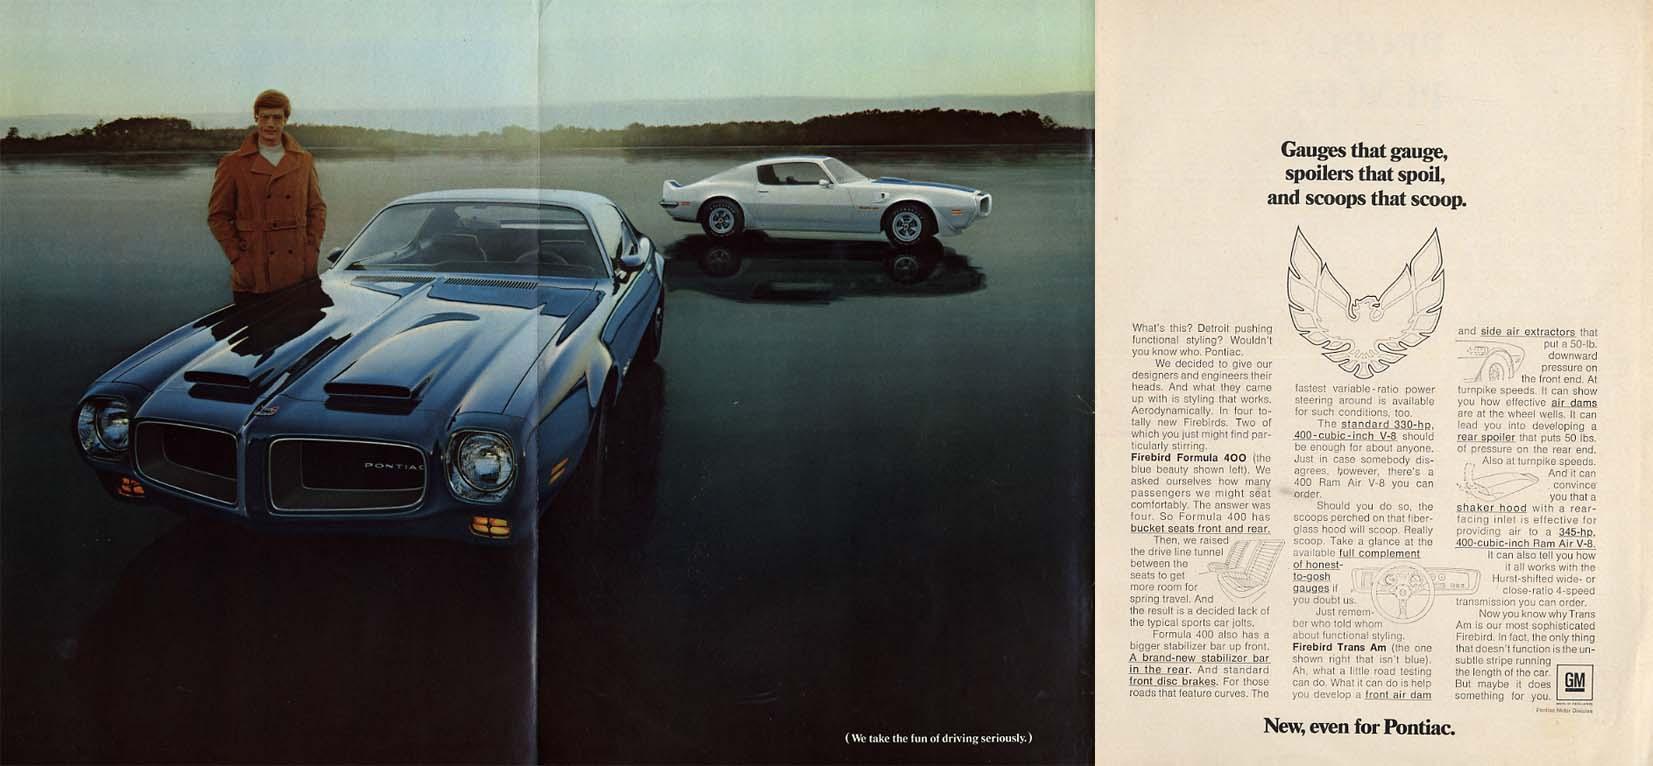 Gauges that gauge spoilers that spoil scoops that scoop Pontiac Firebird ad 1970